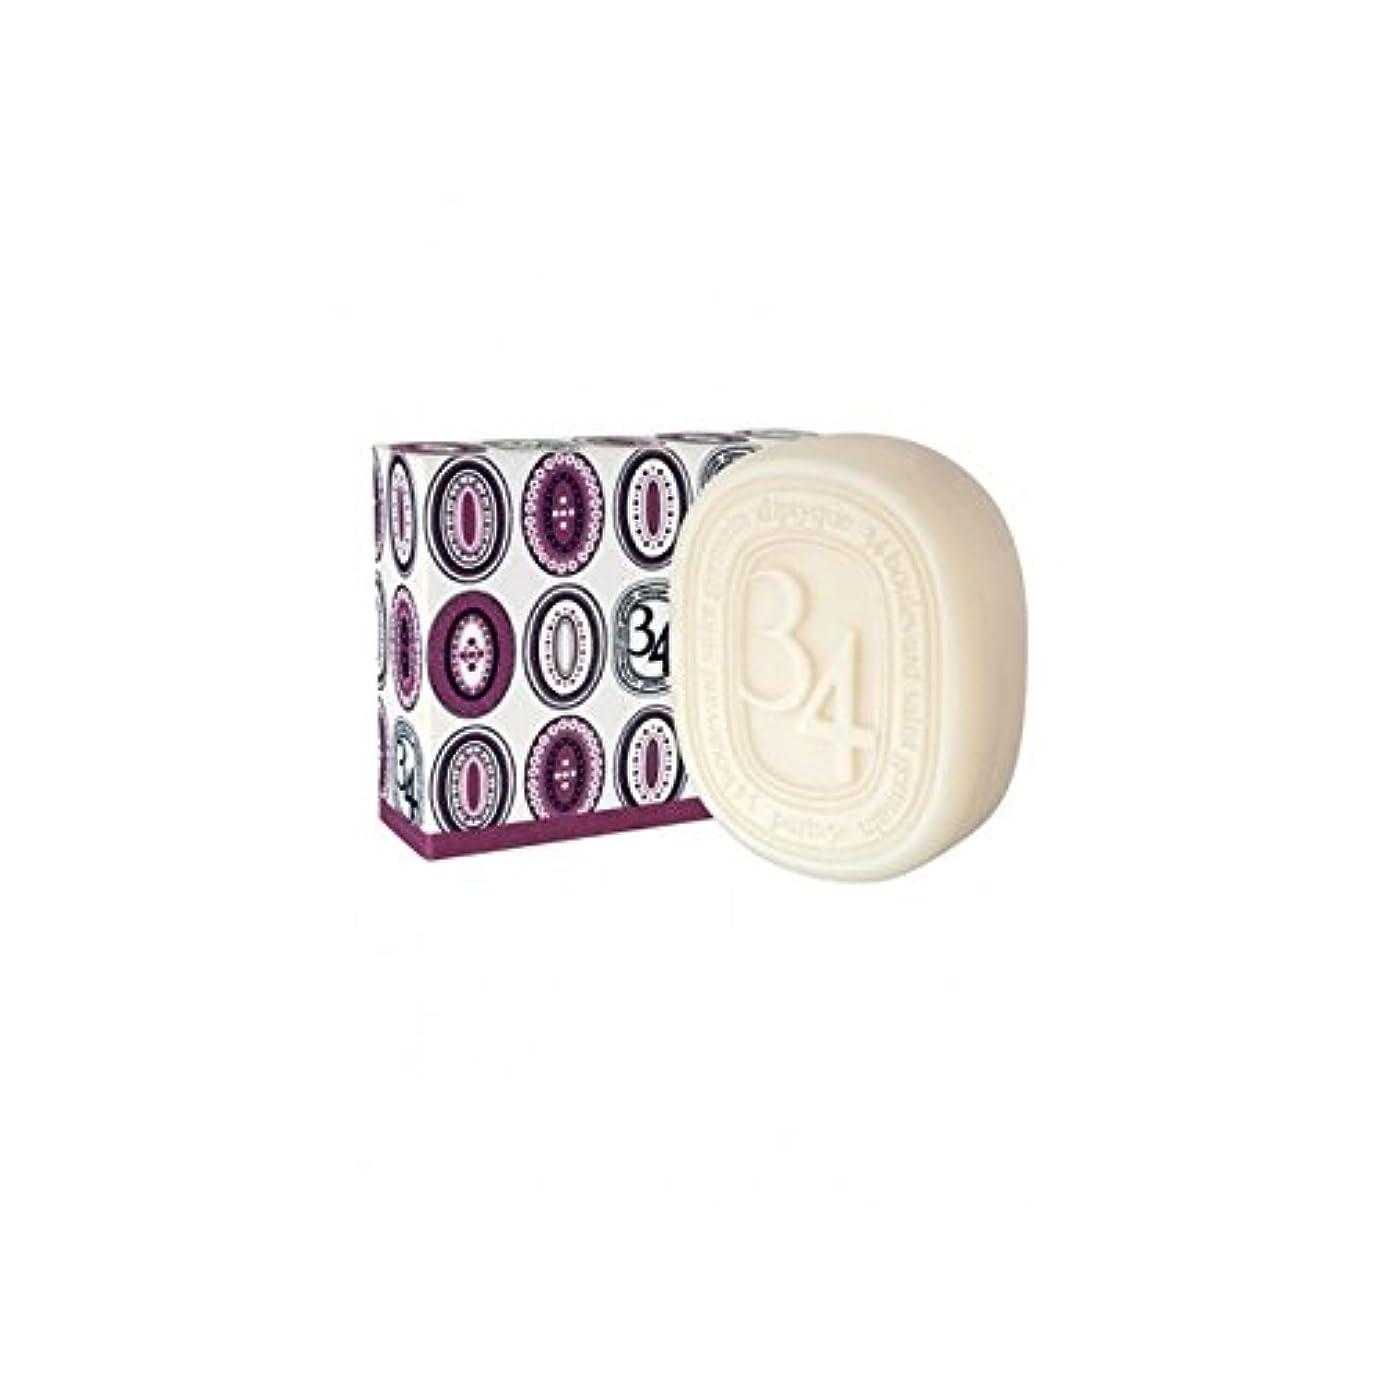 敬意を表する使役世界に死んだDiptyque Collection 34 Boulevard Saint Germain Soap 100g (Pack of 6) - Diptyqueコレクション34大通りサンジェルマン石鹸100グラム (x6)...